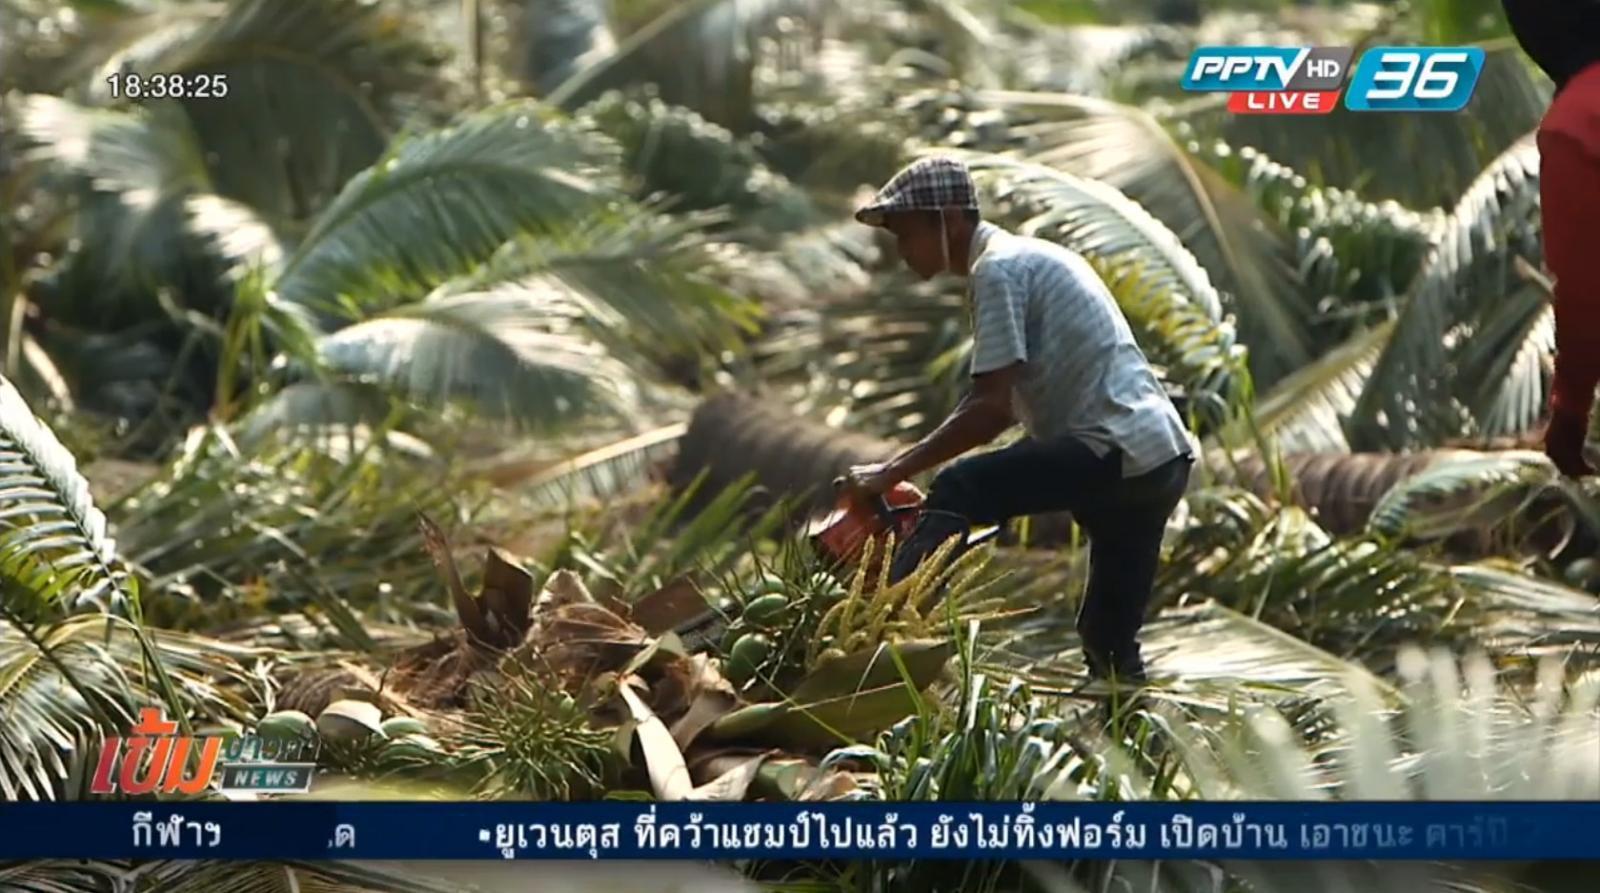 ช่วยเหลือชาวสวนมะพร้าวน้ำหอมเสียหายจากพายุ